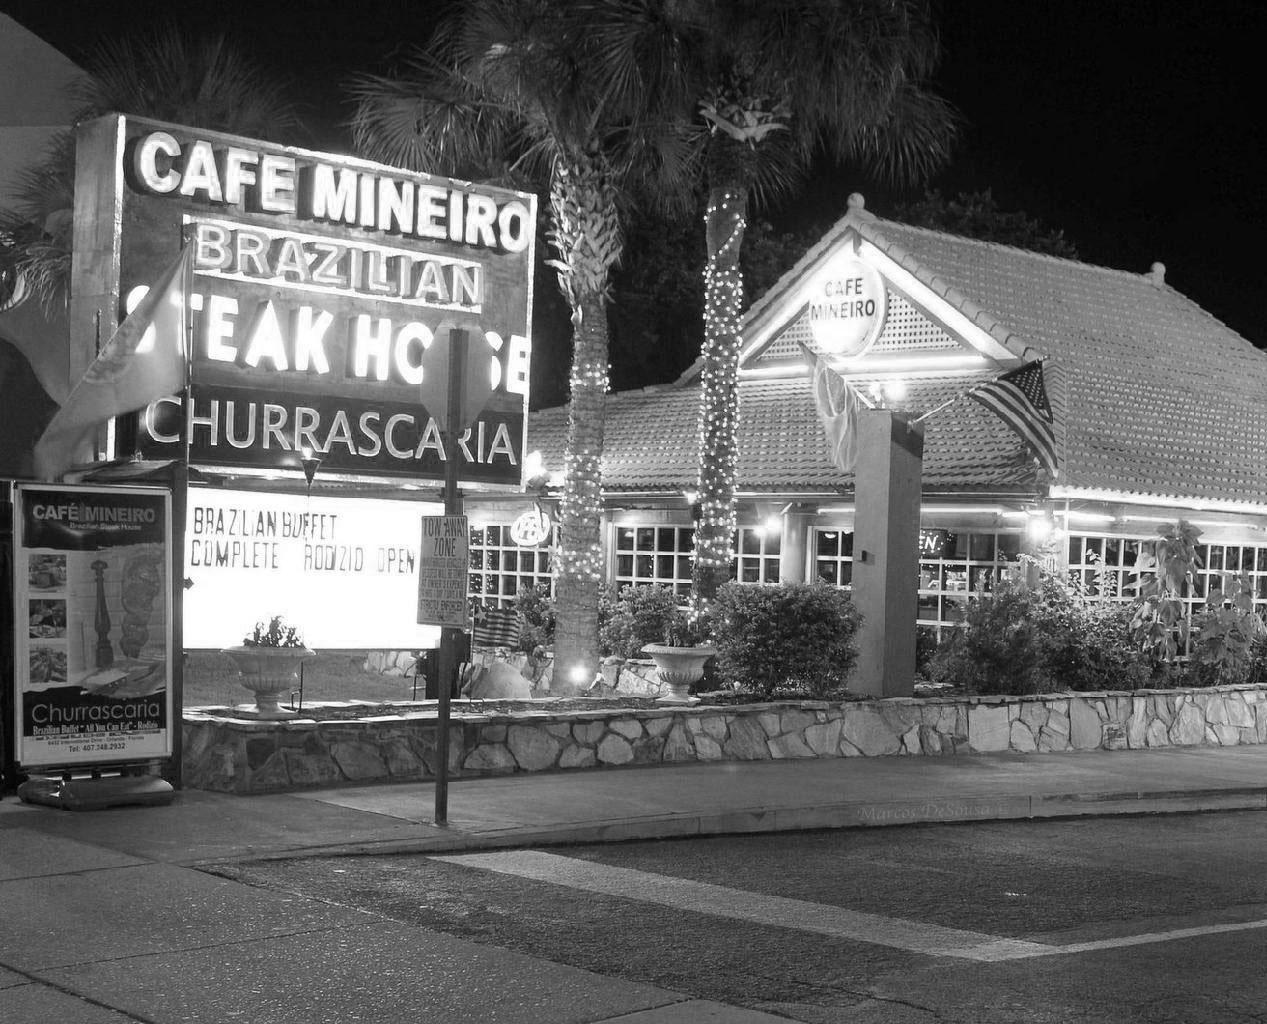 Cafe Mineiro Brazilian Steakhouse Taste Of Brazil